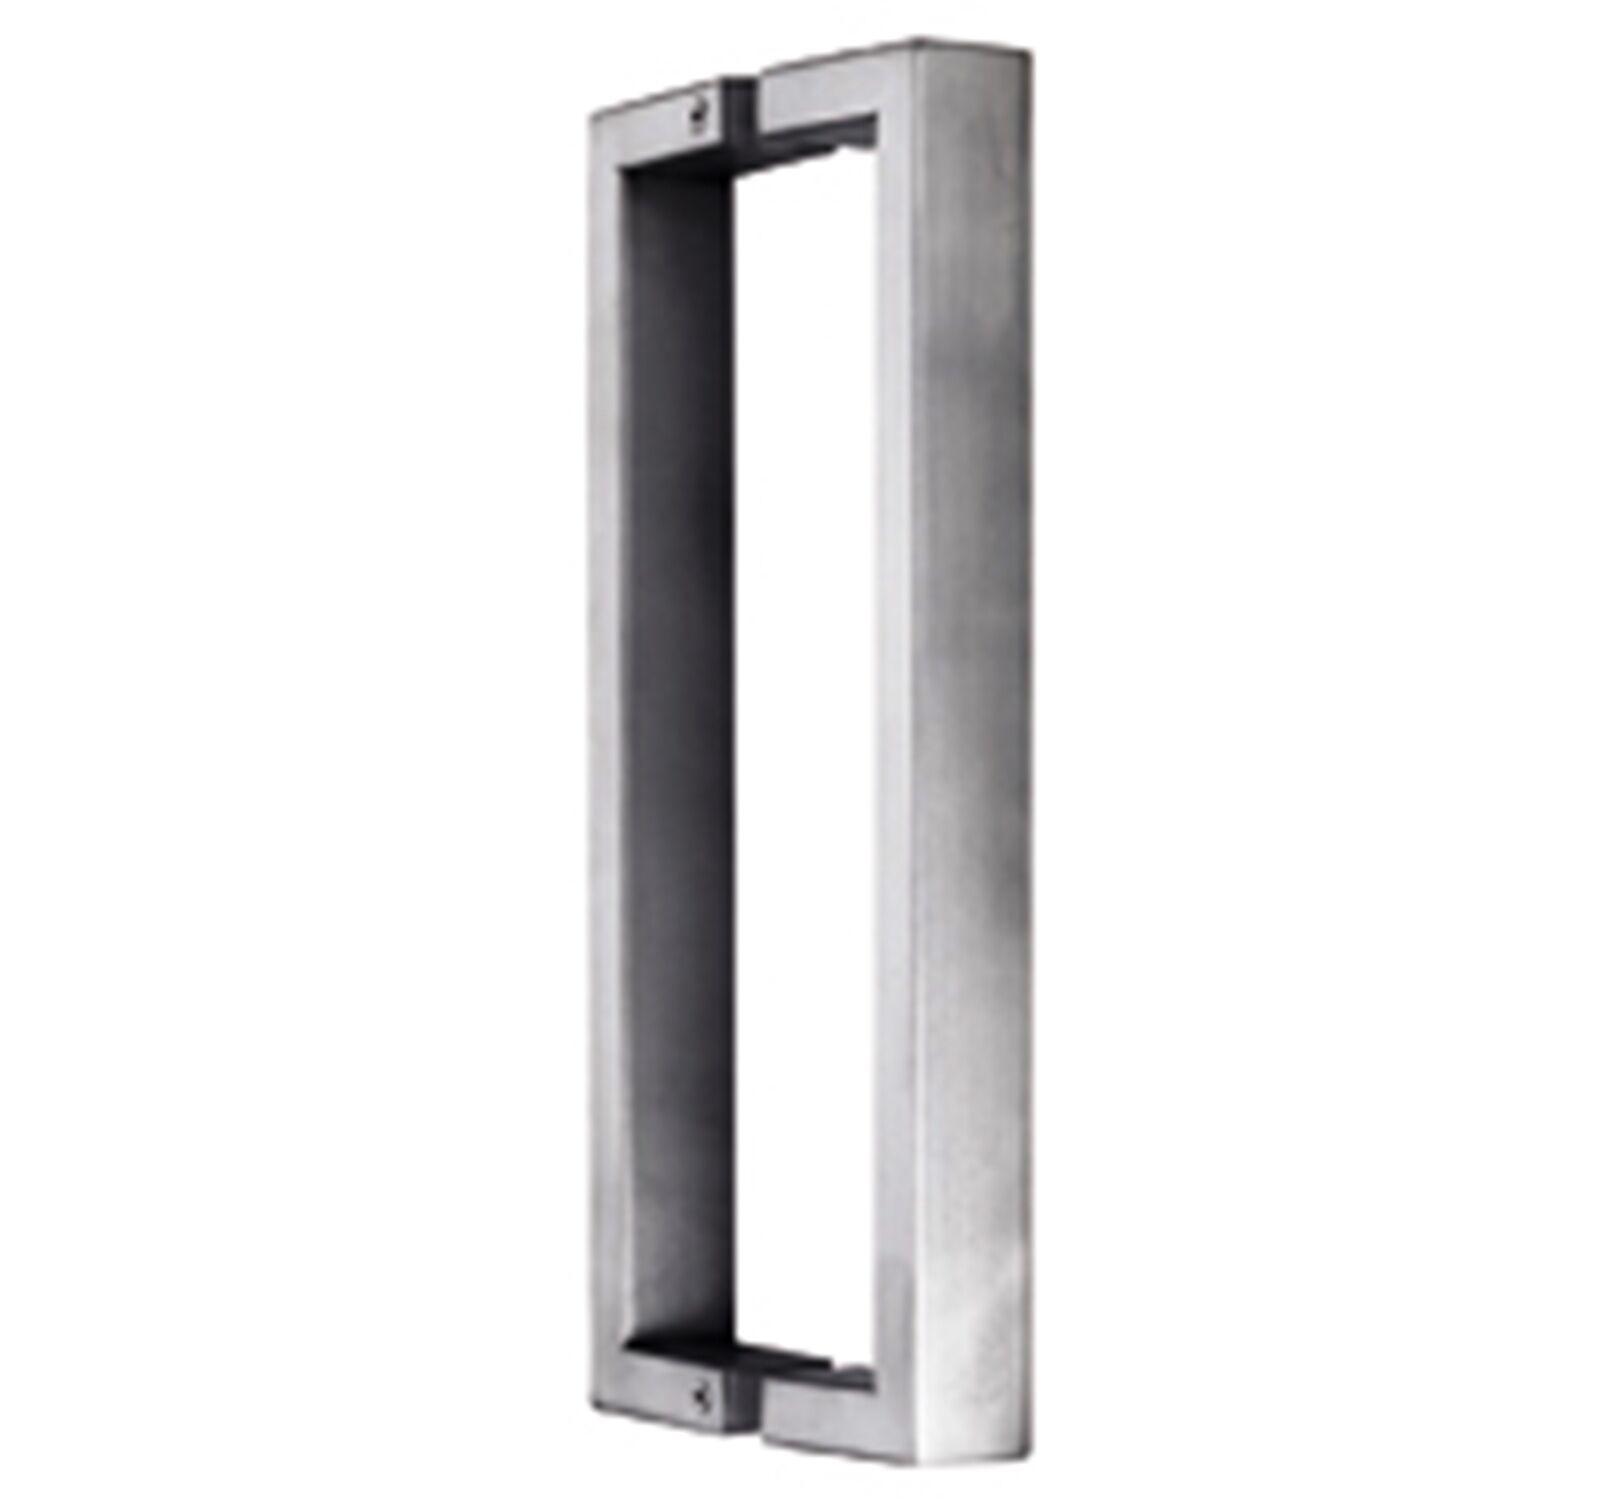 Türgriff für Ganzglastüren  Glastürgriff   Länge 29 cm  Griff gebürstet